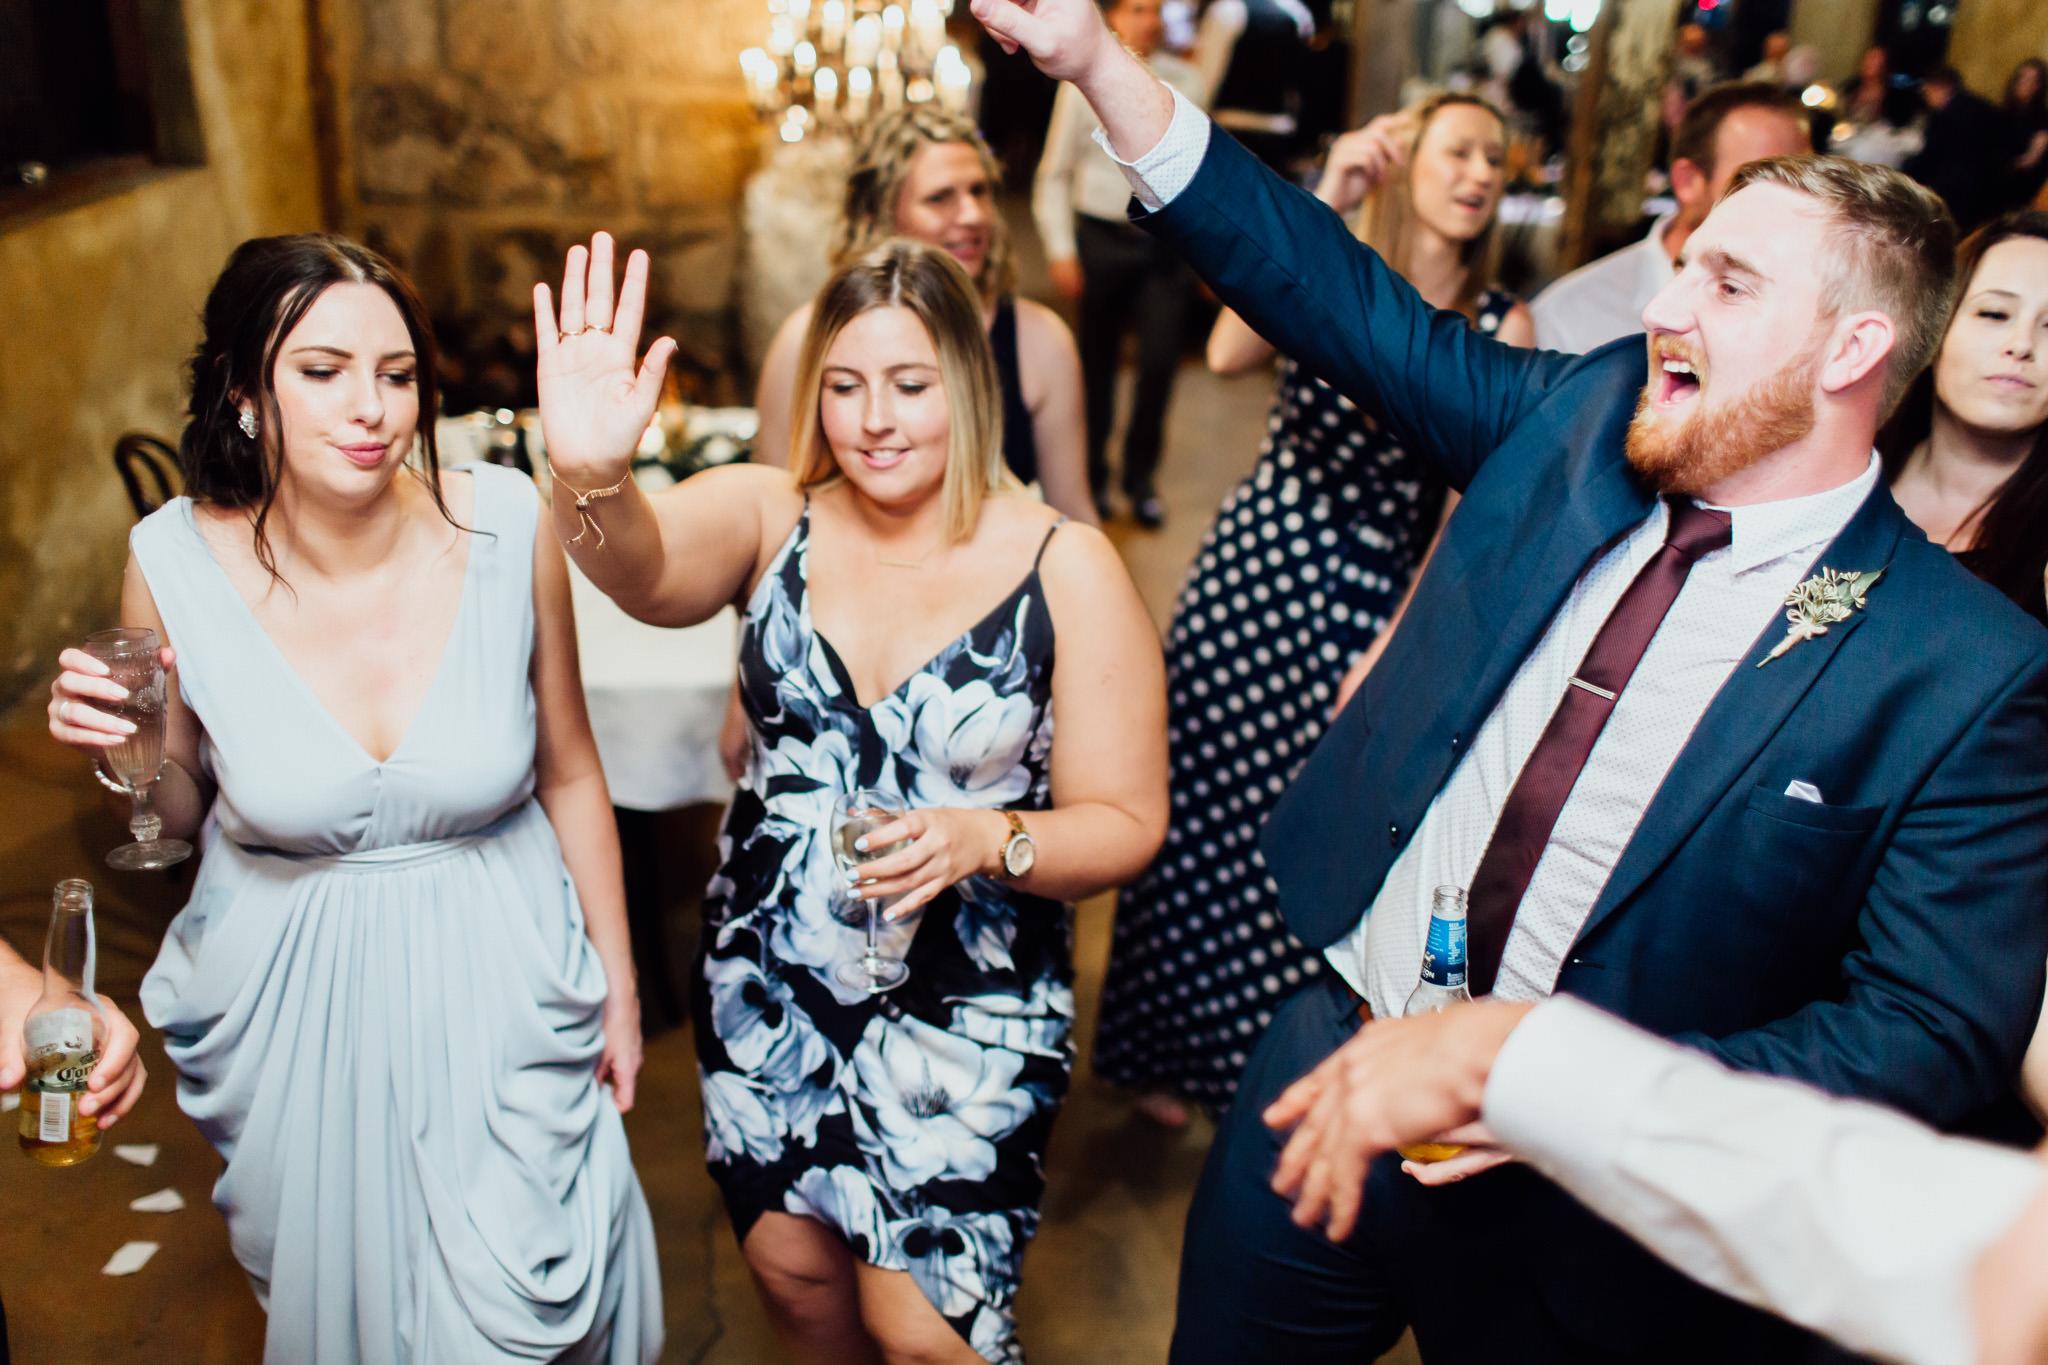 WeddingPhotos_Facebook_2048pixels-1179.jpg